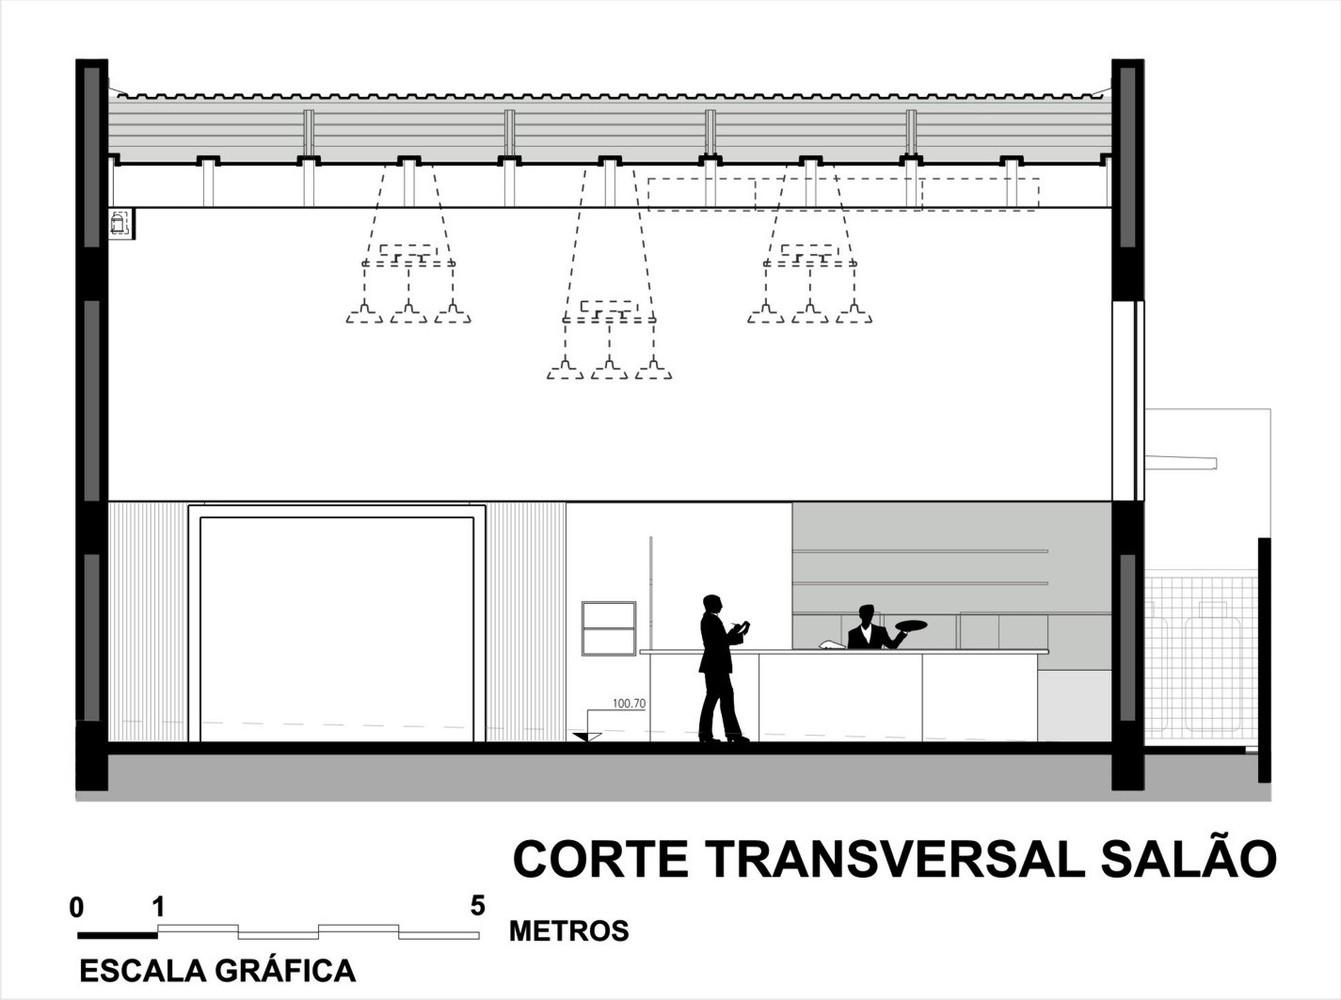 Desenhos CORTES 3 - Você realmente sabe como utilizar escalas na arquitetura?